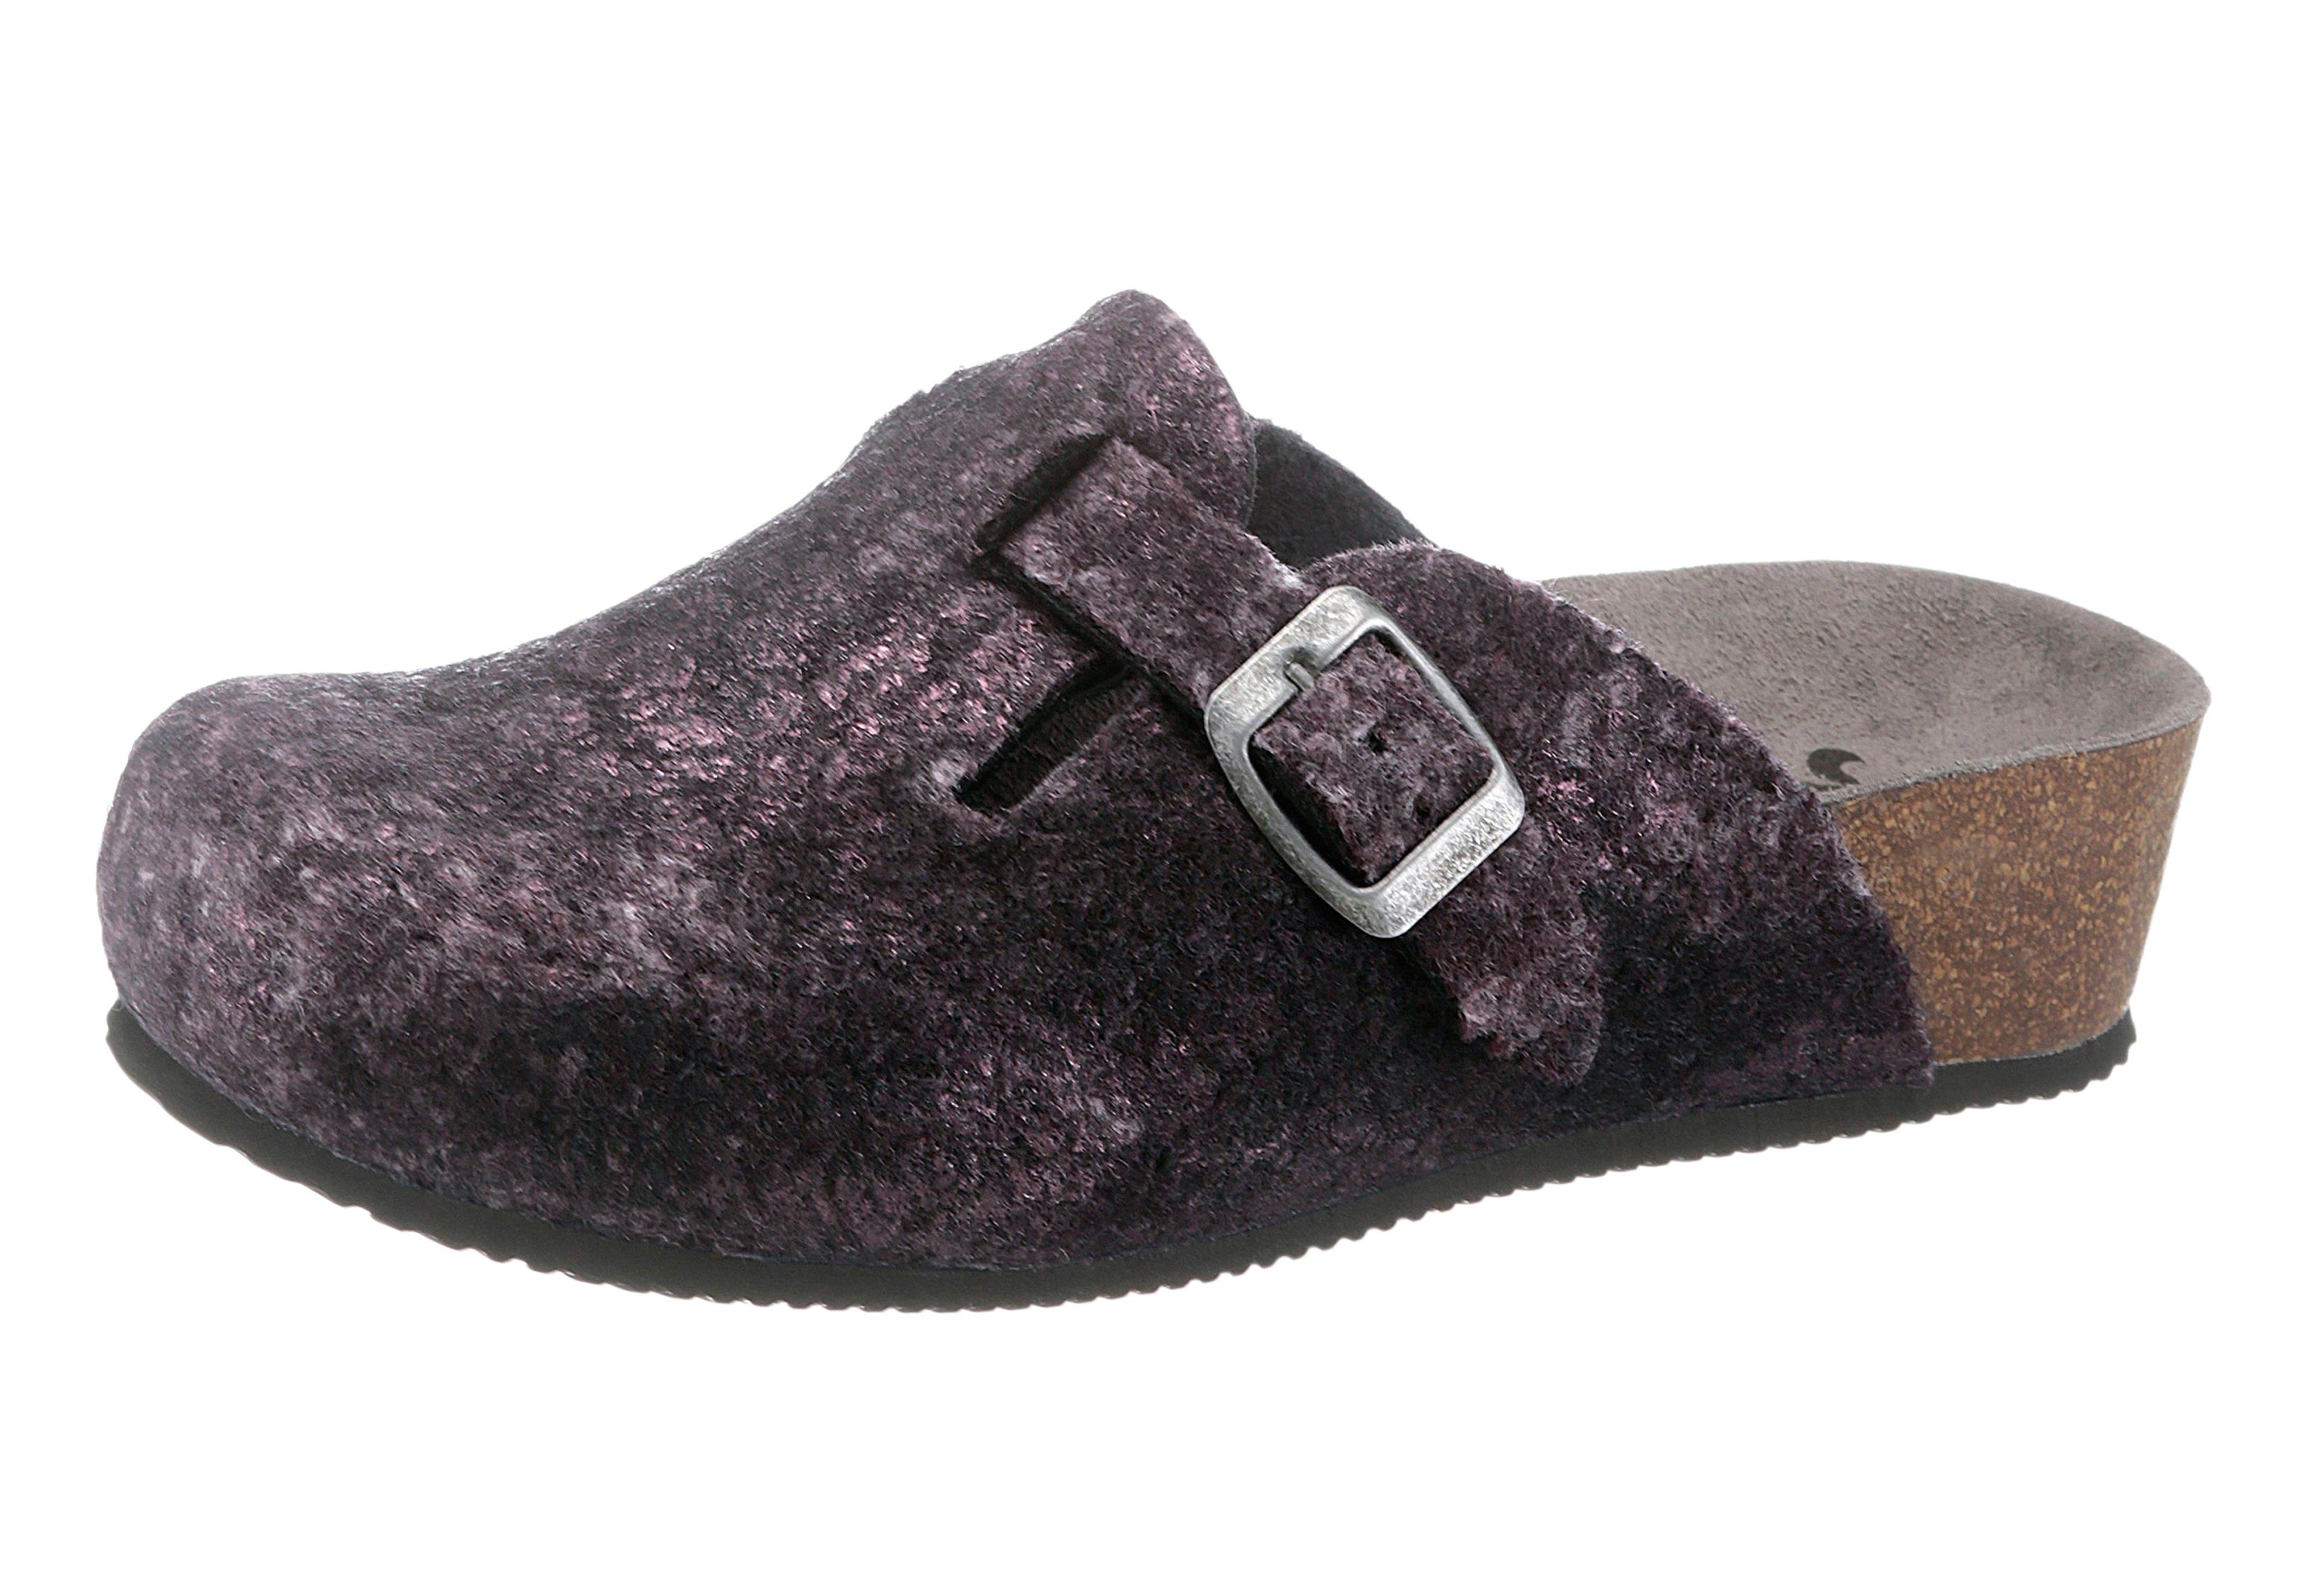 Thies slippers in metallic-look goedkoop op otto.nl kopen